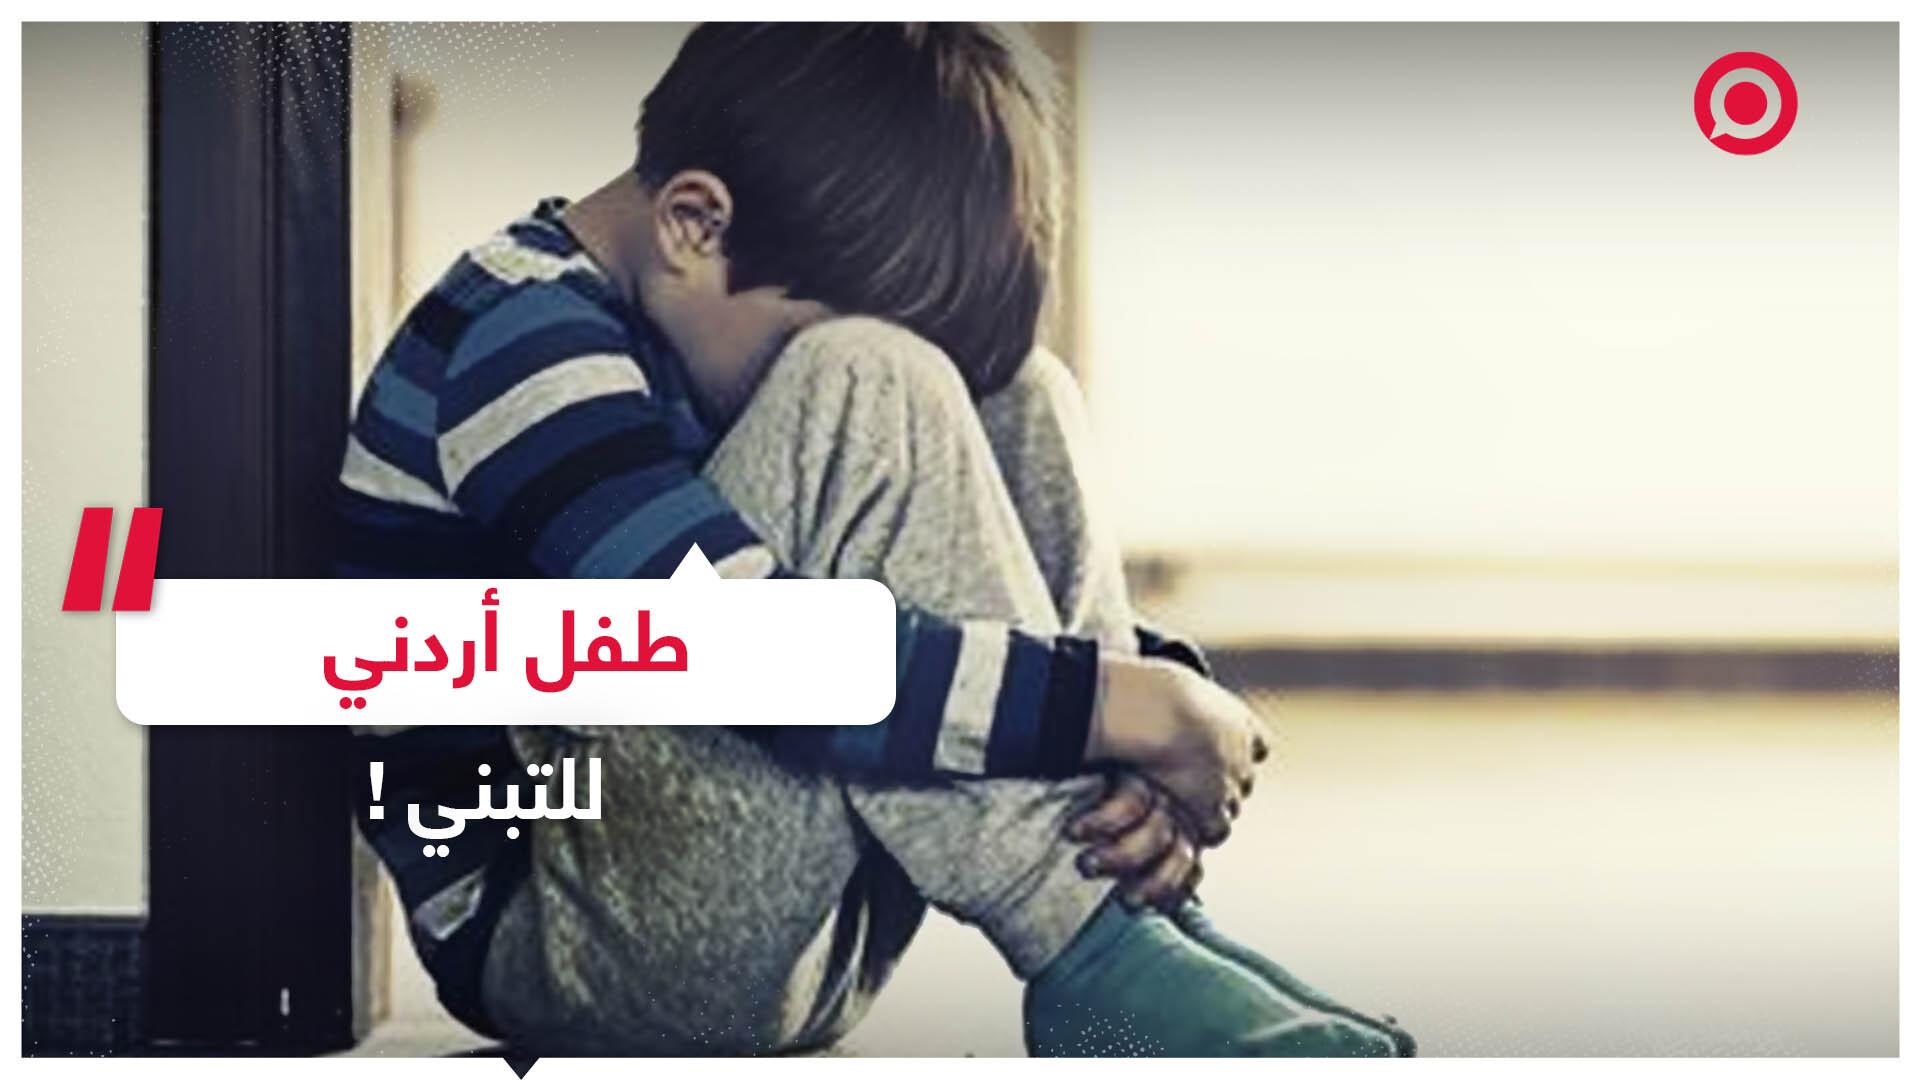 عرض طفل للتبني في الأردن يثير جدلا واسعا